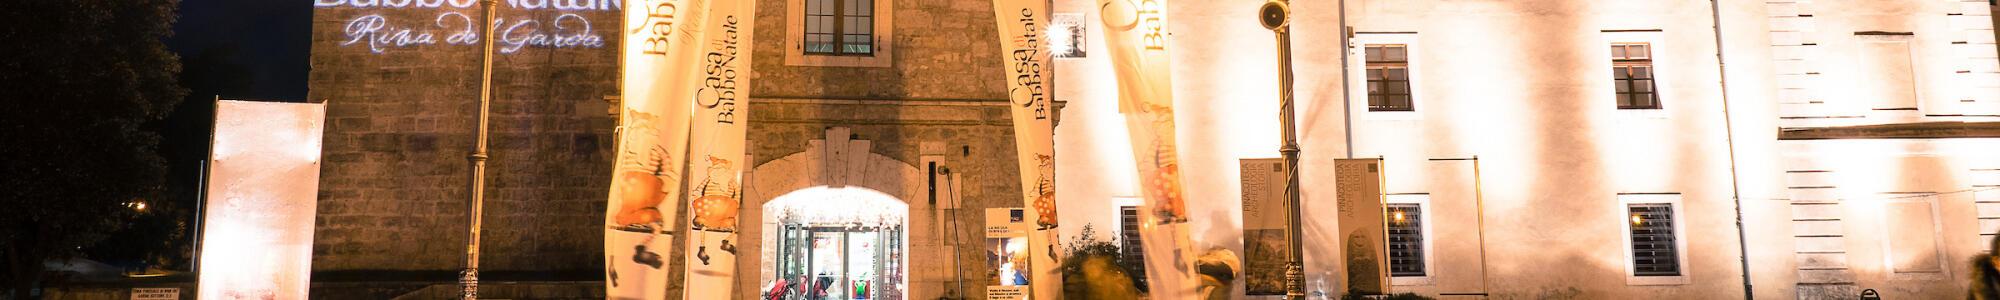 Soggiorno a Riva del Garda con visite ai musei trentini